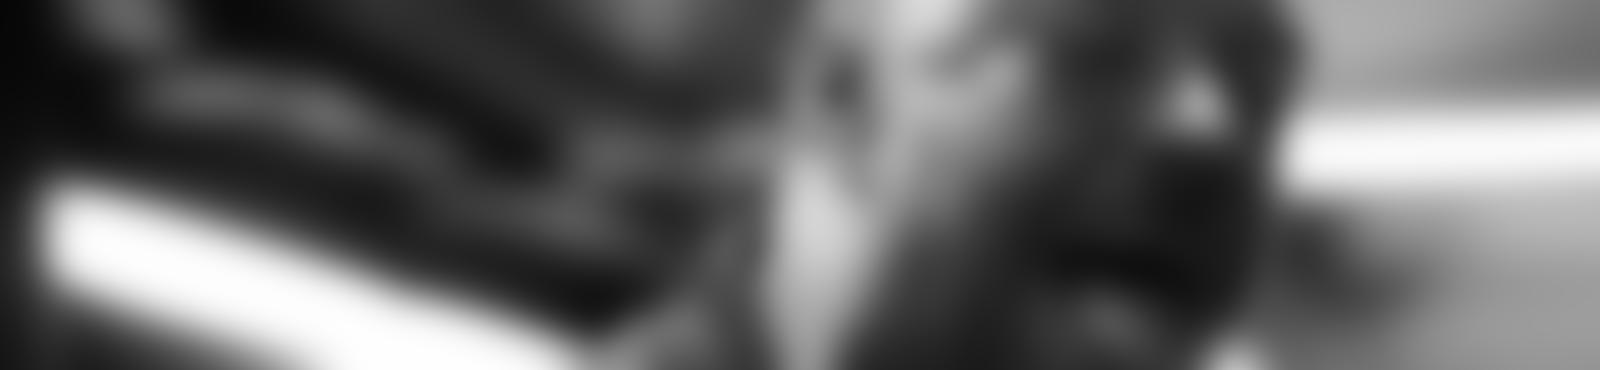 Blurred a0364b30 292c 4f71 ae12 1a6ae1660568